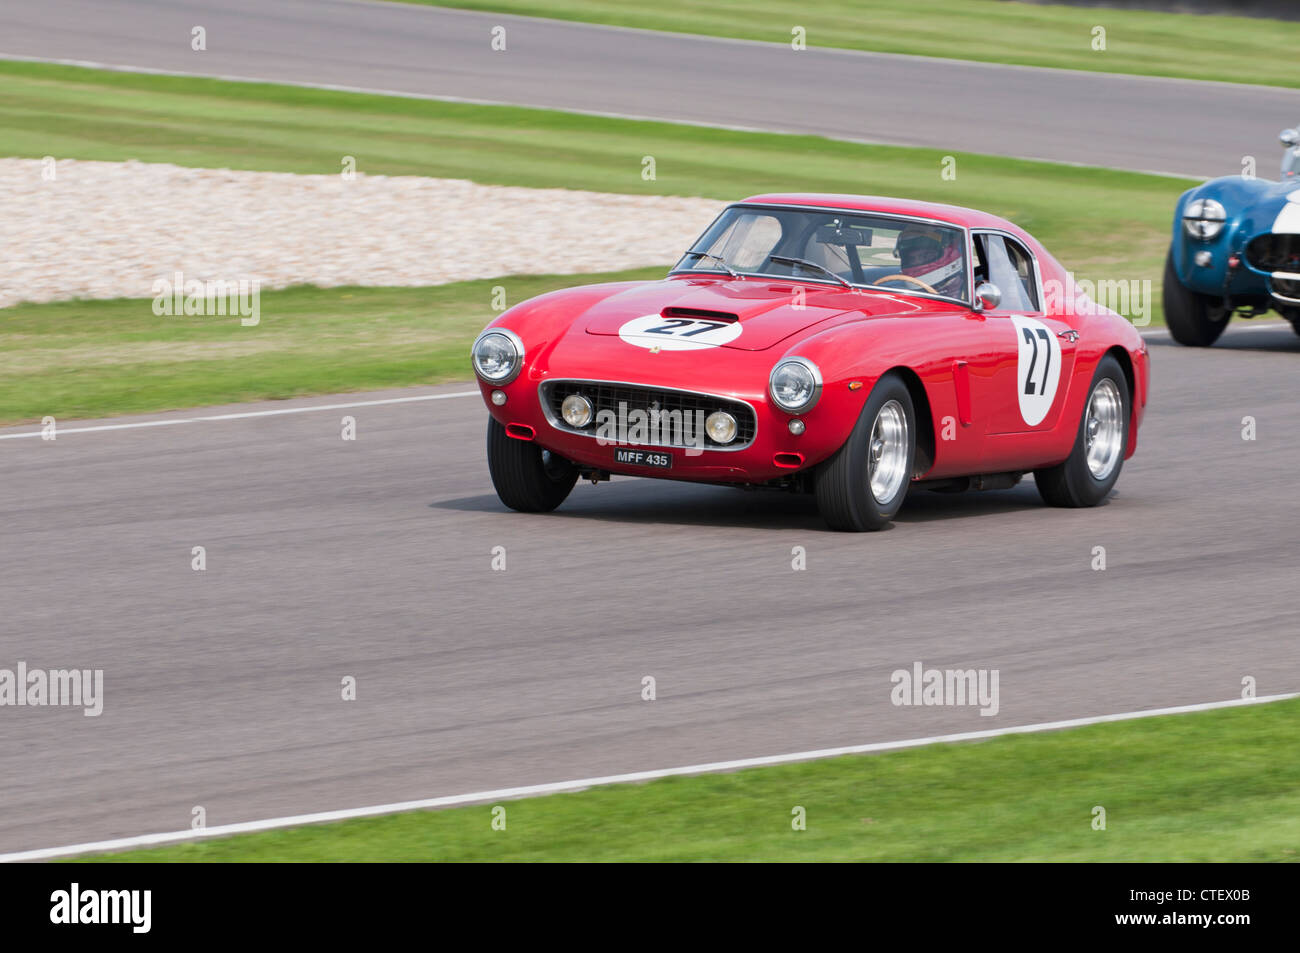 Ferrari 250GT SWB, RAC TT Celebration Race, Goodwood Revival 2011 - Stock Image